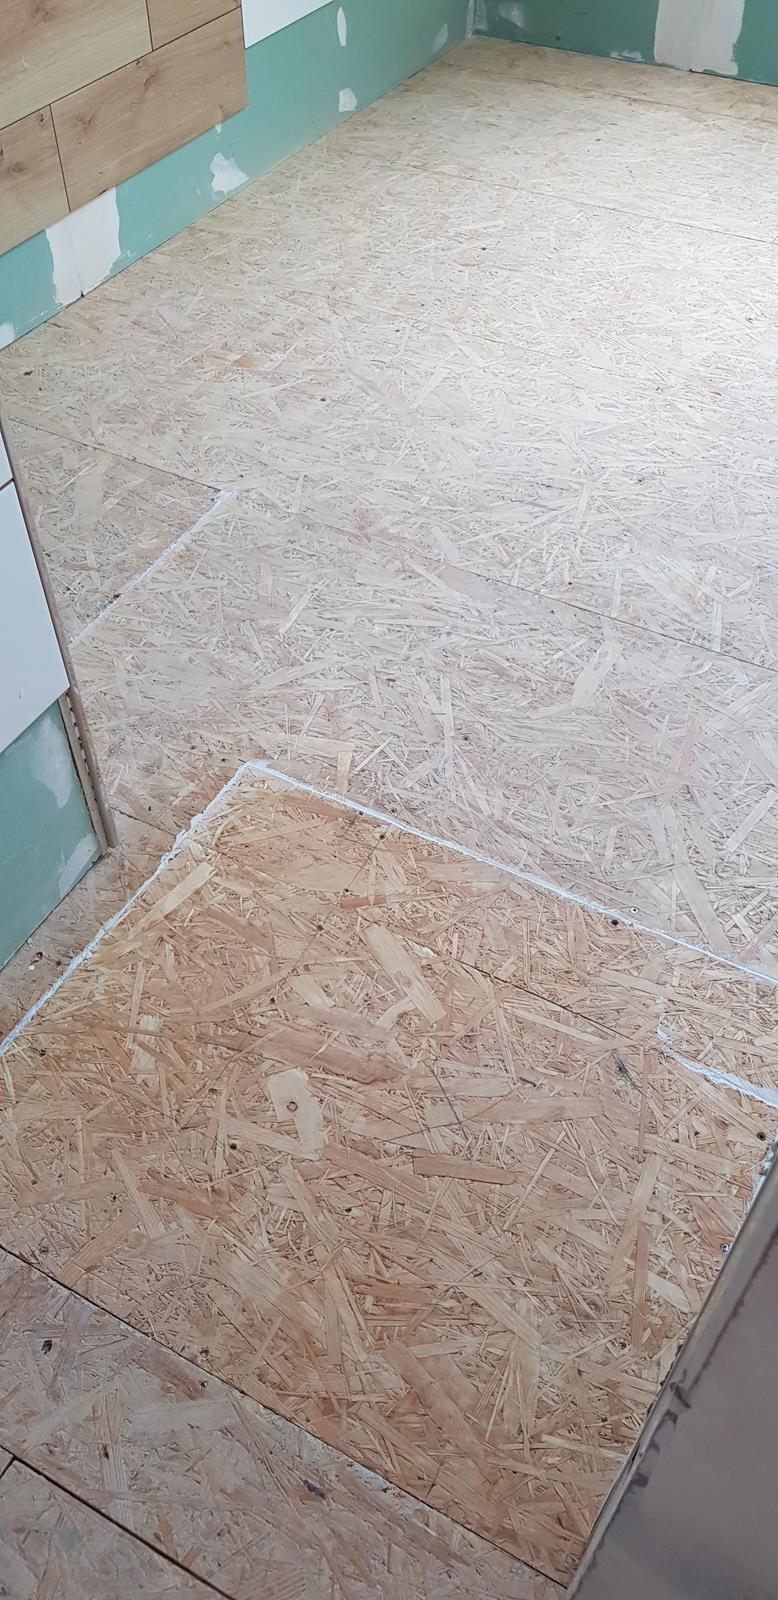 Podkroví - Konečně zavřená podlaha. Za chvili bude spojeno patro A s patrem B  🤣🤟🤟 ale na jiném místě